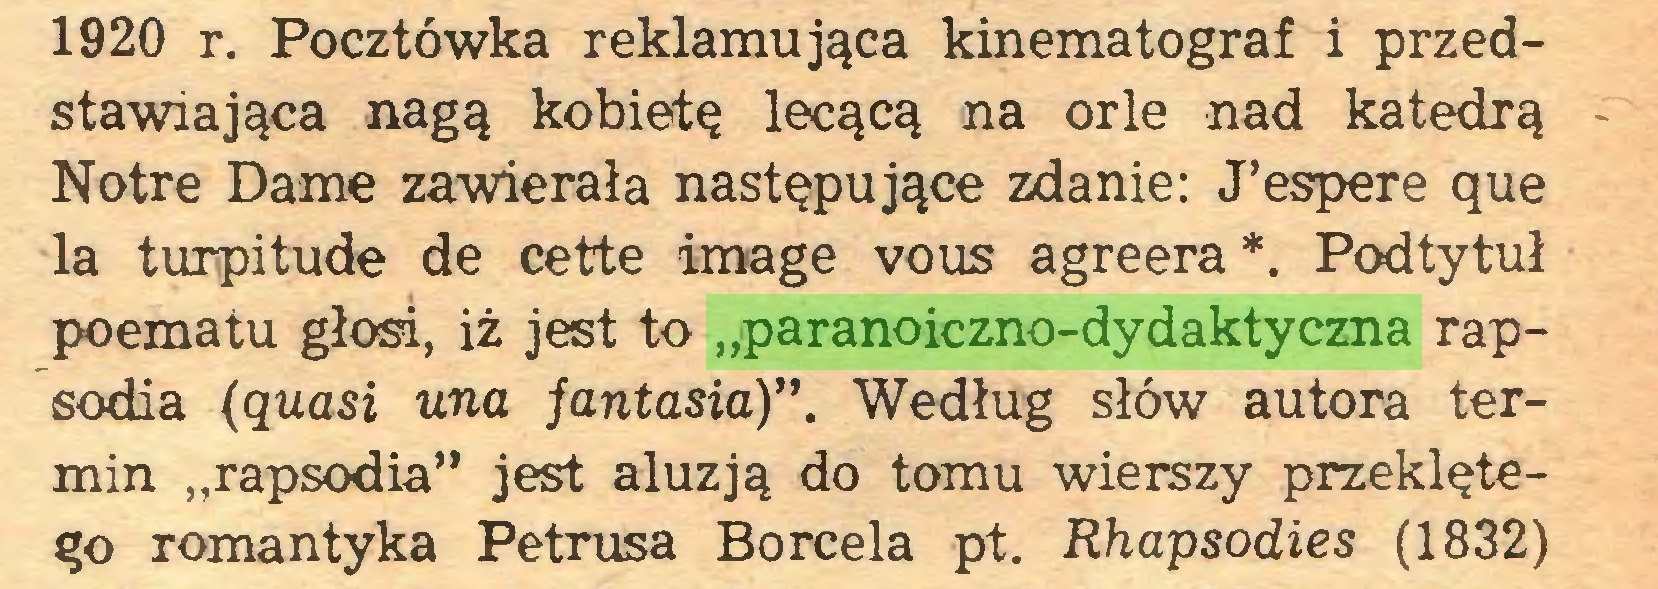 """(...) 1920 r. Pocztówka reklamująca kinematograf i przedstawiająca nagą kobietę lecącą na orle nad katedrą Notre Dame zawierała następujące zdanie: J'espere que la turpitude de cette image vous agréera *. Podtytuł poematu głosi, iż jest to """"paranoiczno-dydaktyczna rapsodia (quasi una fantasia)"""". Według słów autora termin """"rapsodia"""" jest aluzją do tomu wierszy przeklętego romantyka Petrusa Borcela pt. Rhapsodies (1832)..."""